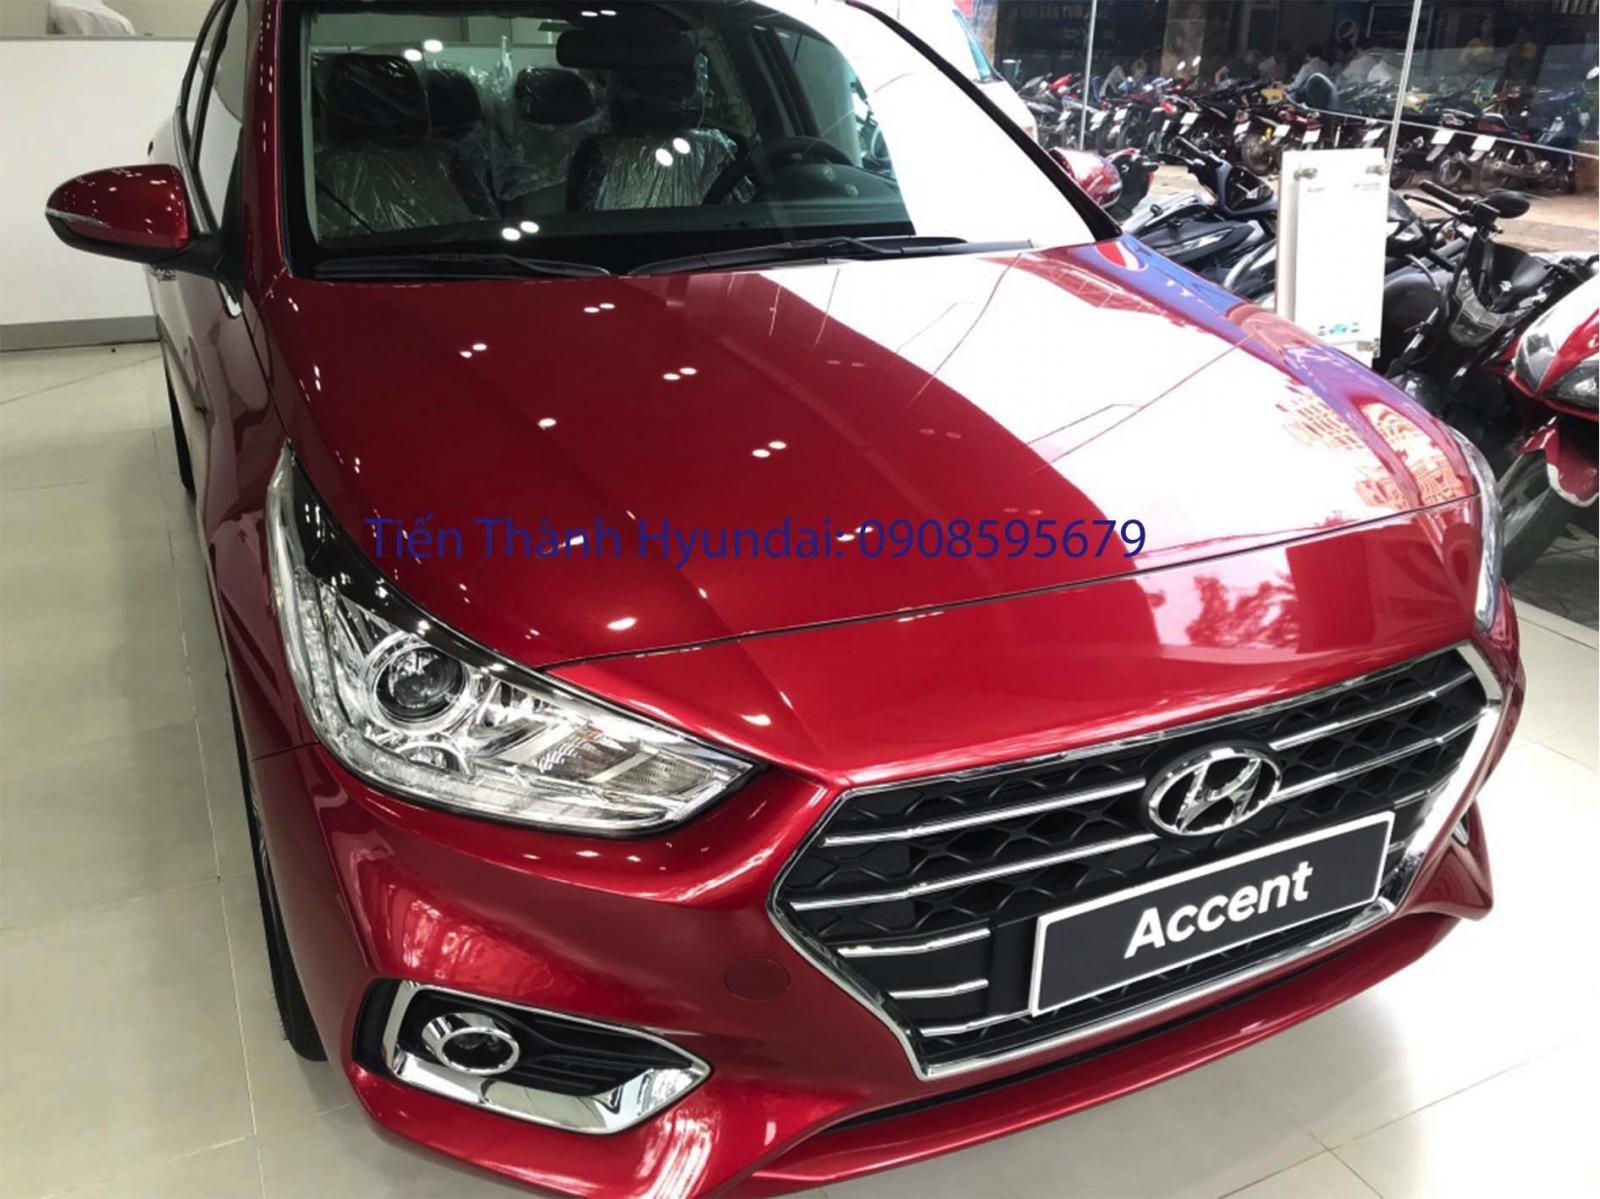 Hyundai Accent, giá tốt 428tr + gói phụ kiện, trả trước từ 149tr, góp 6tr5